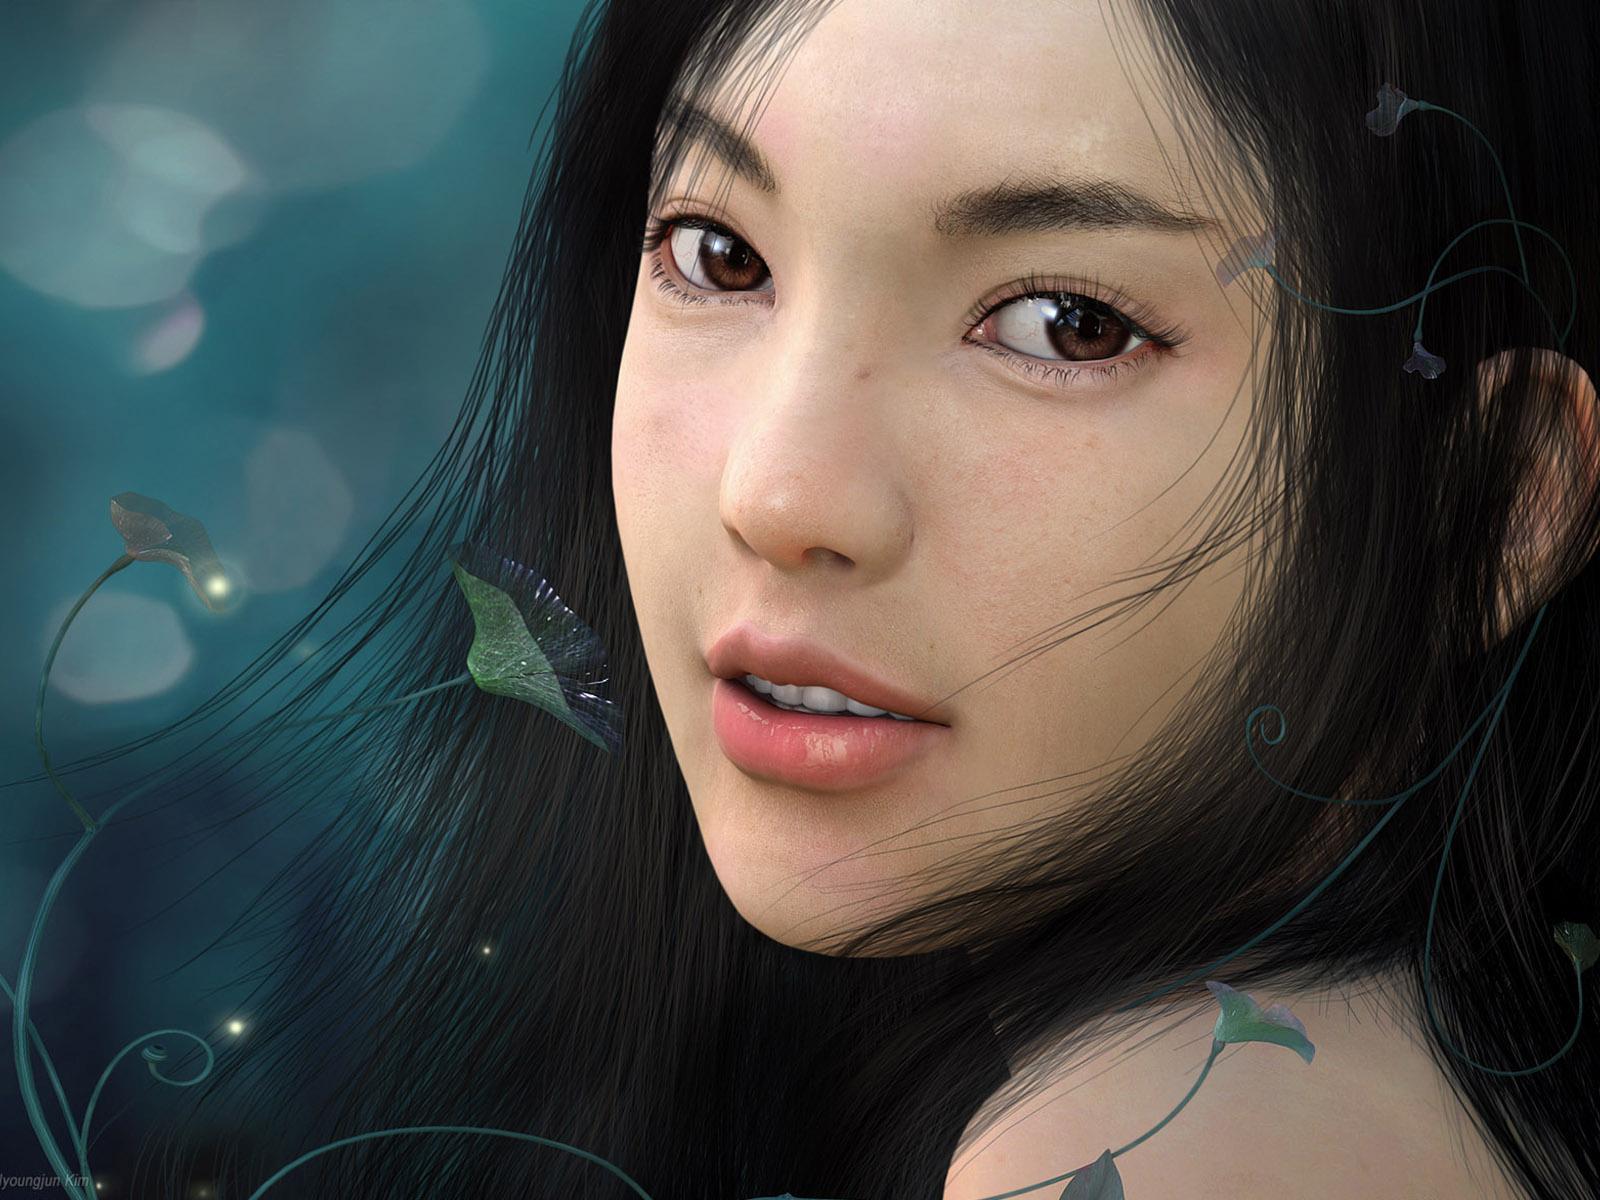 Chic Japanese Girl - Chic Japanese Girl